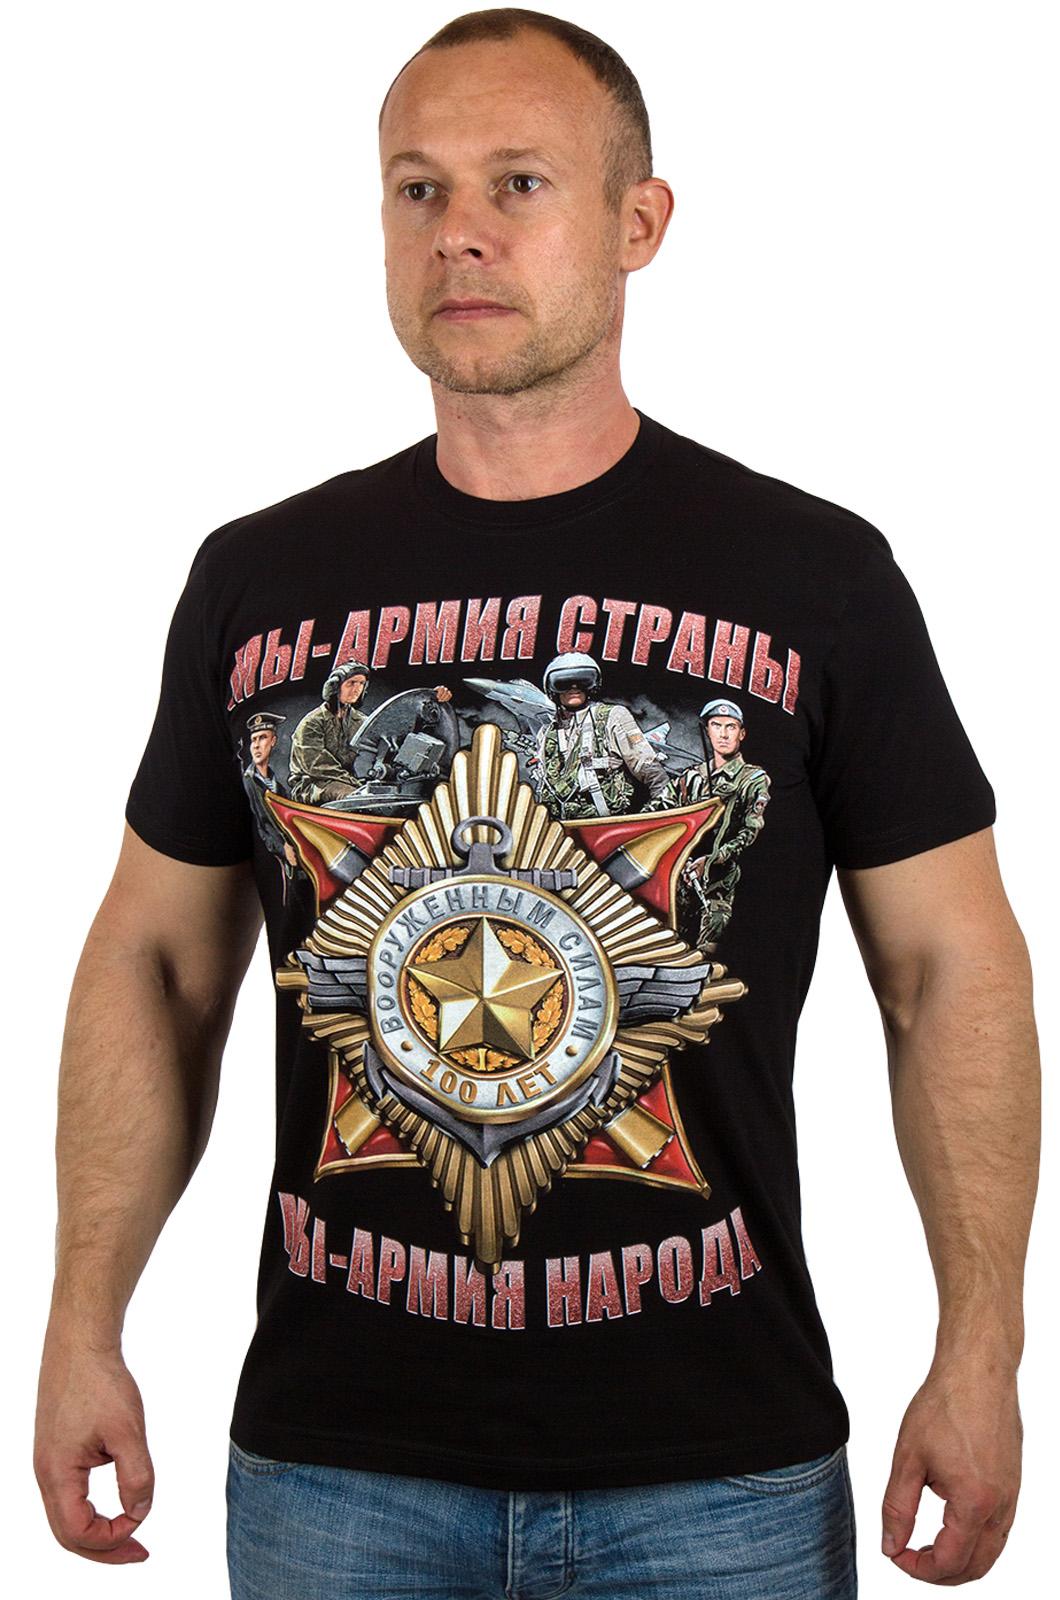 Продажа мужских патриотических футболок – очень дешево!